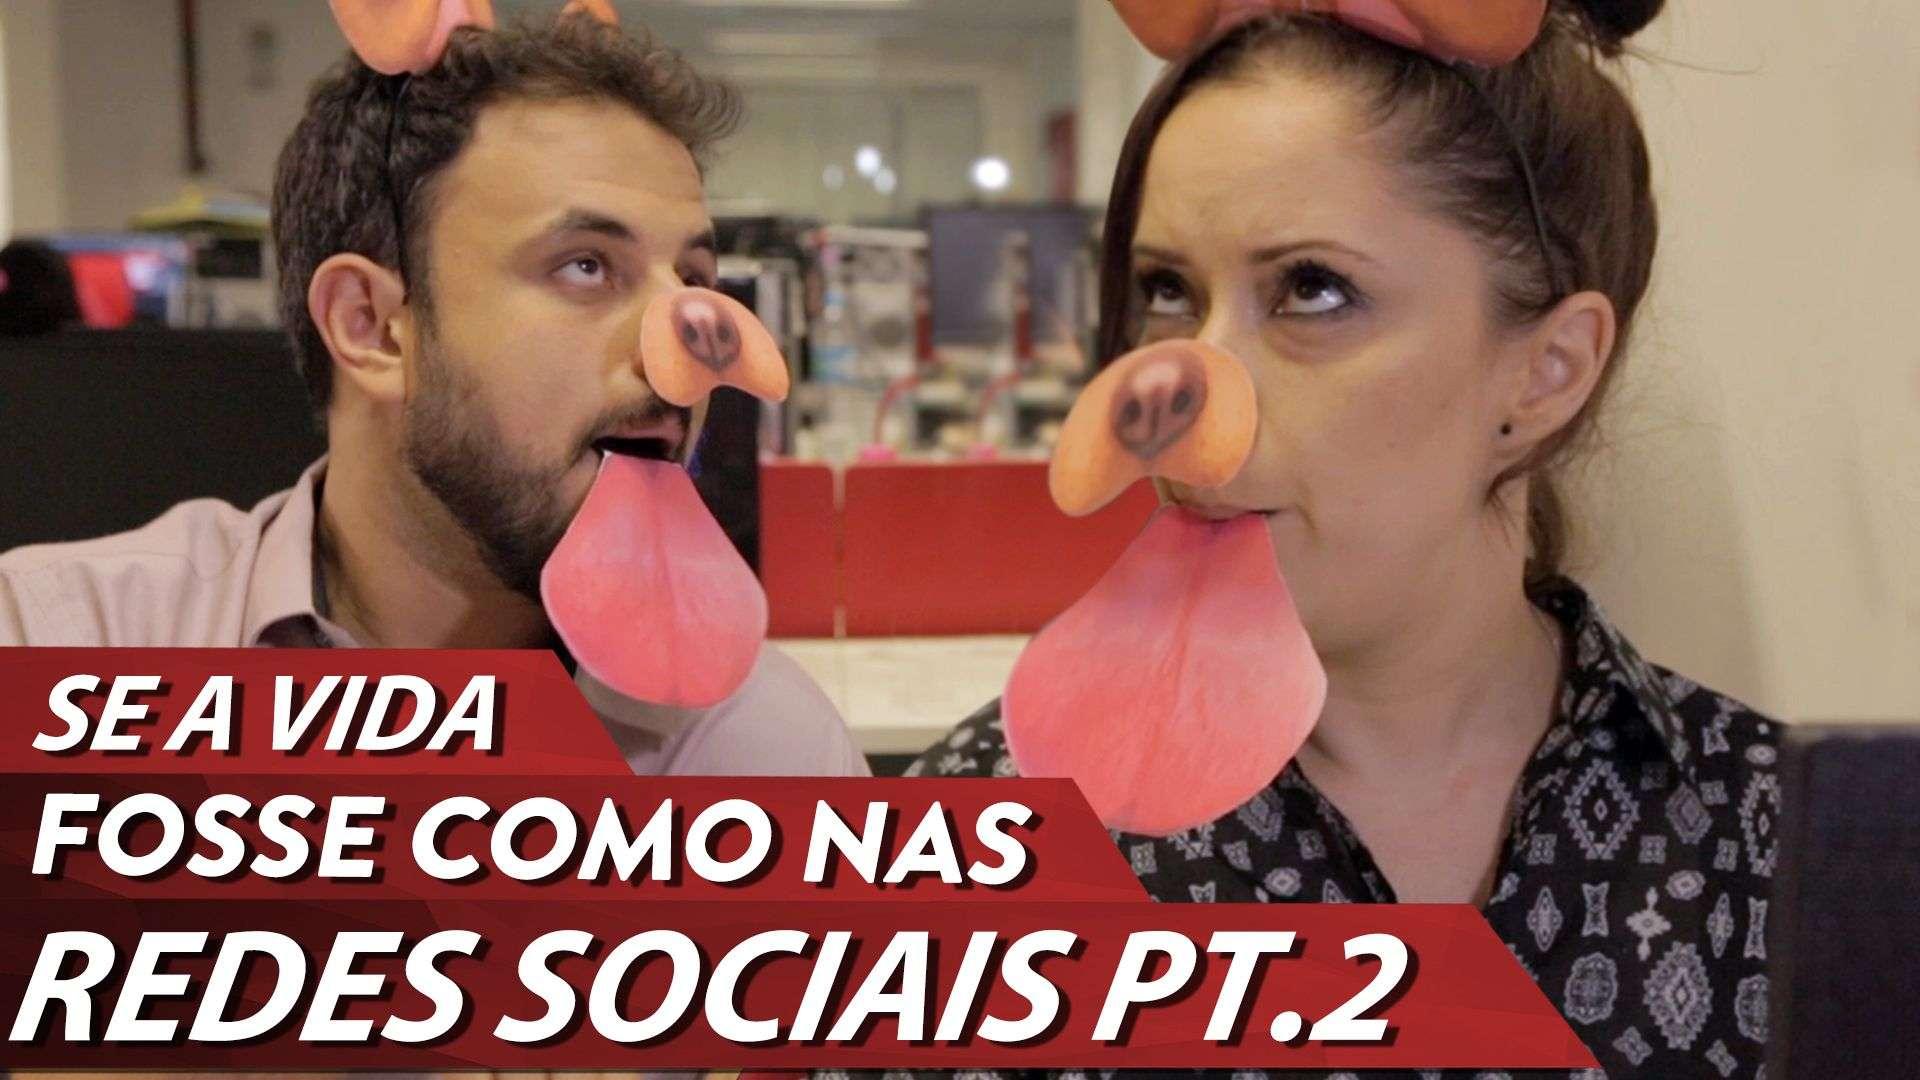 SE A VIDA FOSSE COMO NAS REDES SOCIAIS PT.2